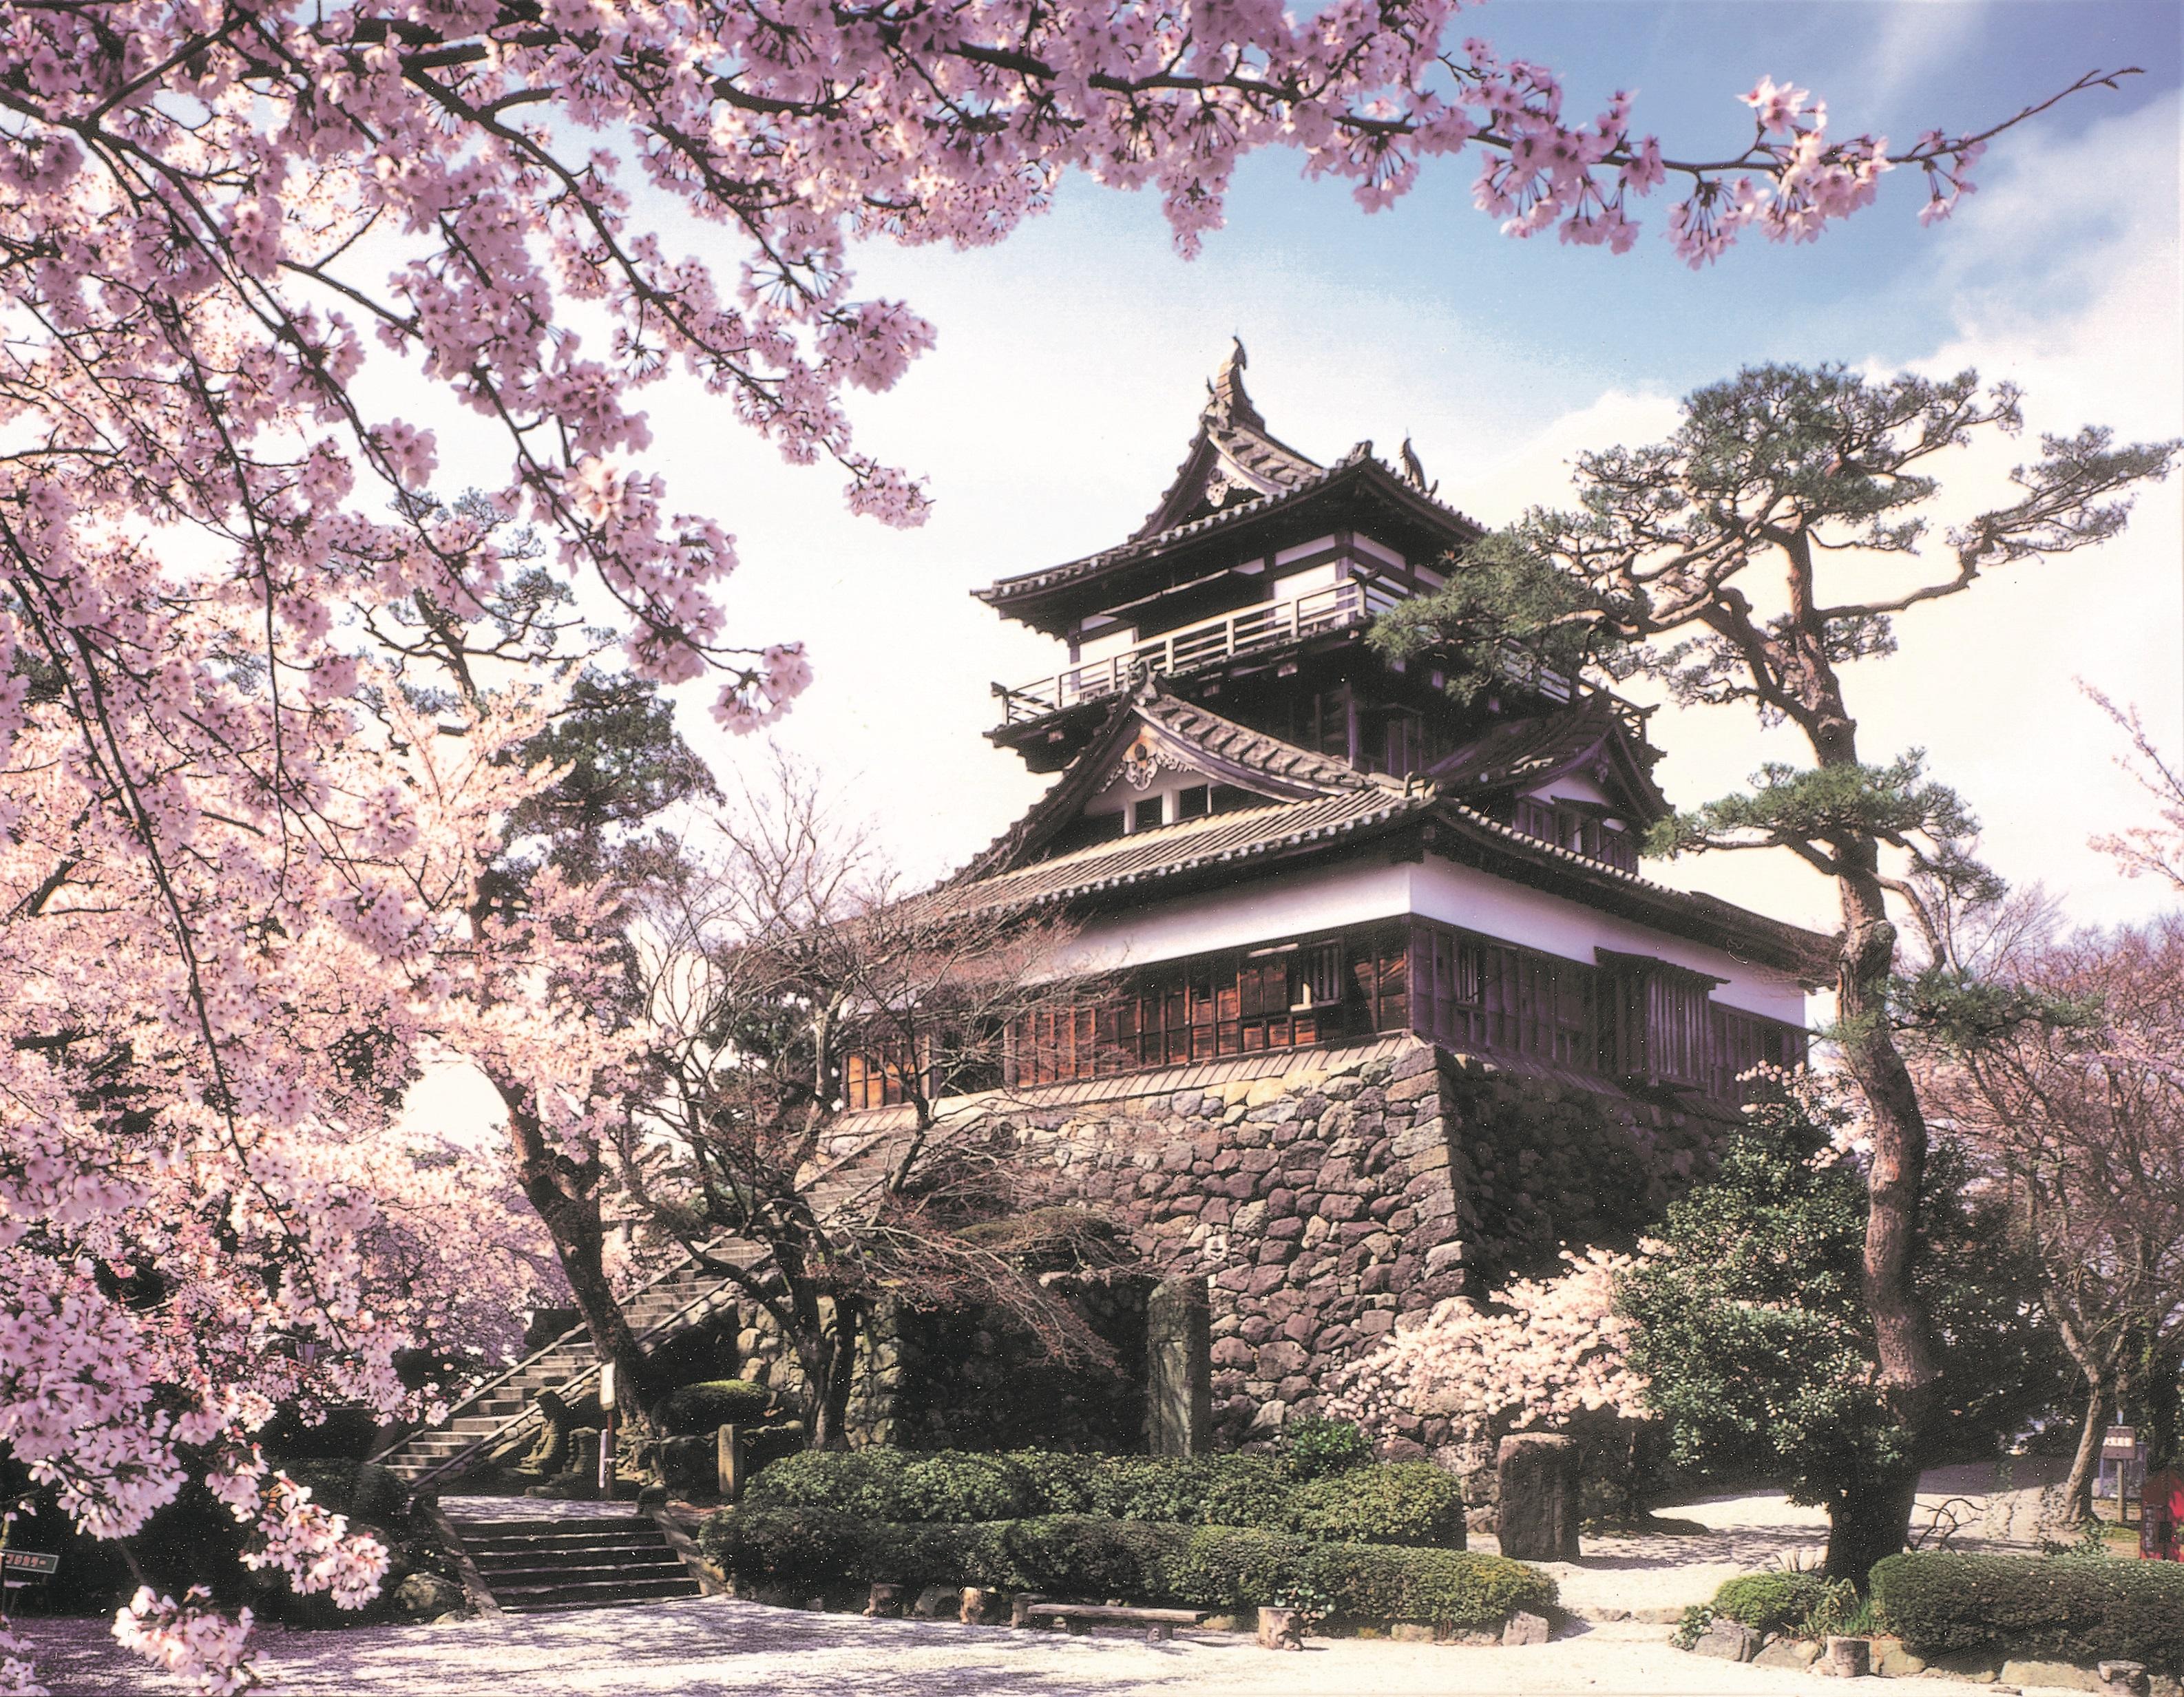 築城400年を記念して造られた日本庭園式公園があり、桜や紅葉、雪景色も見事